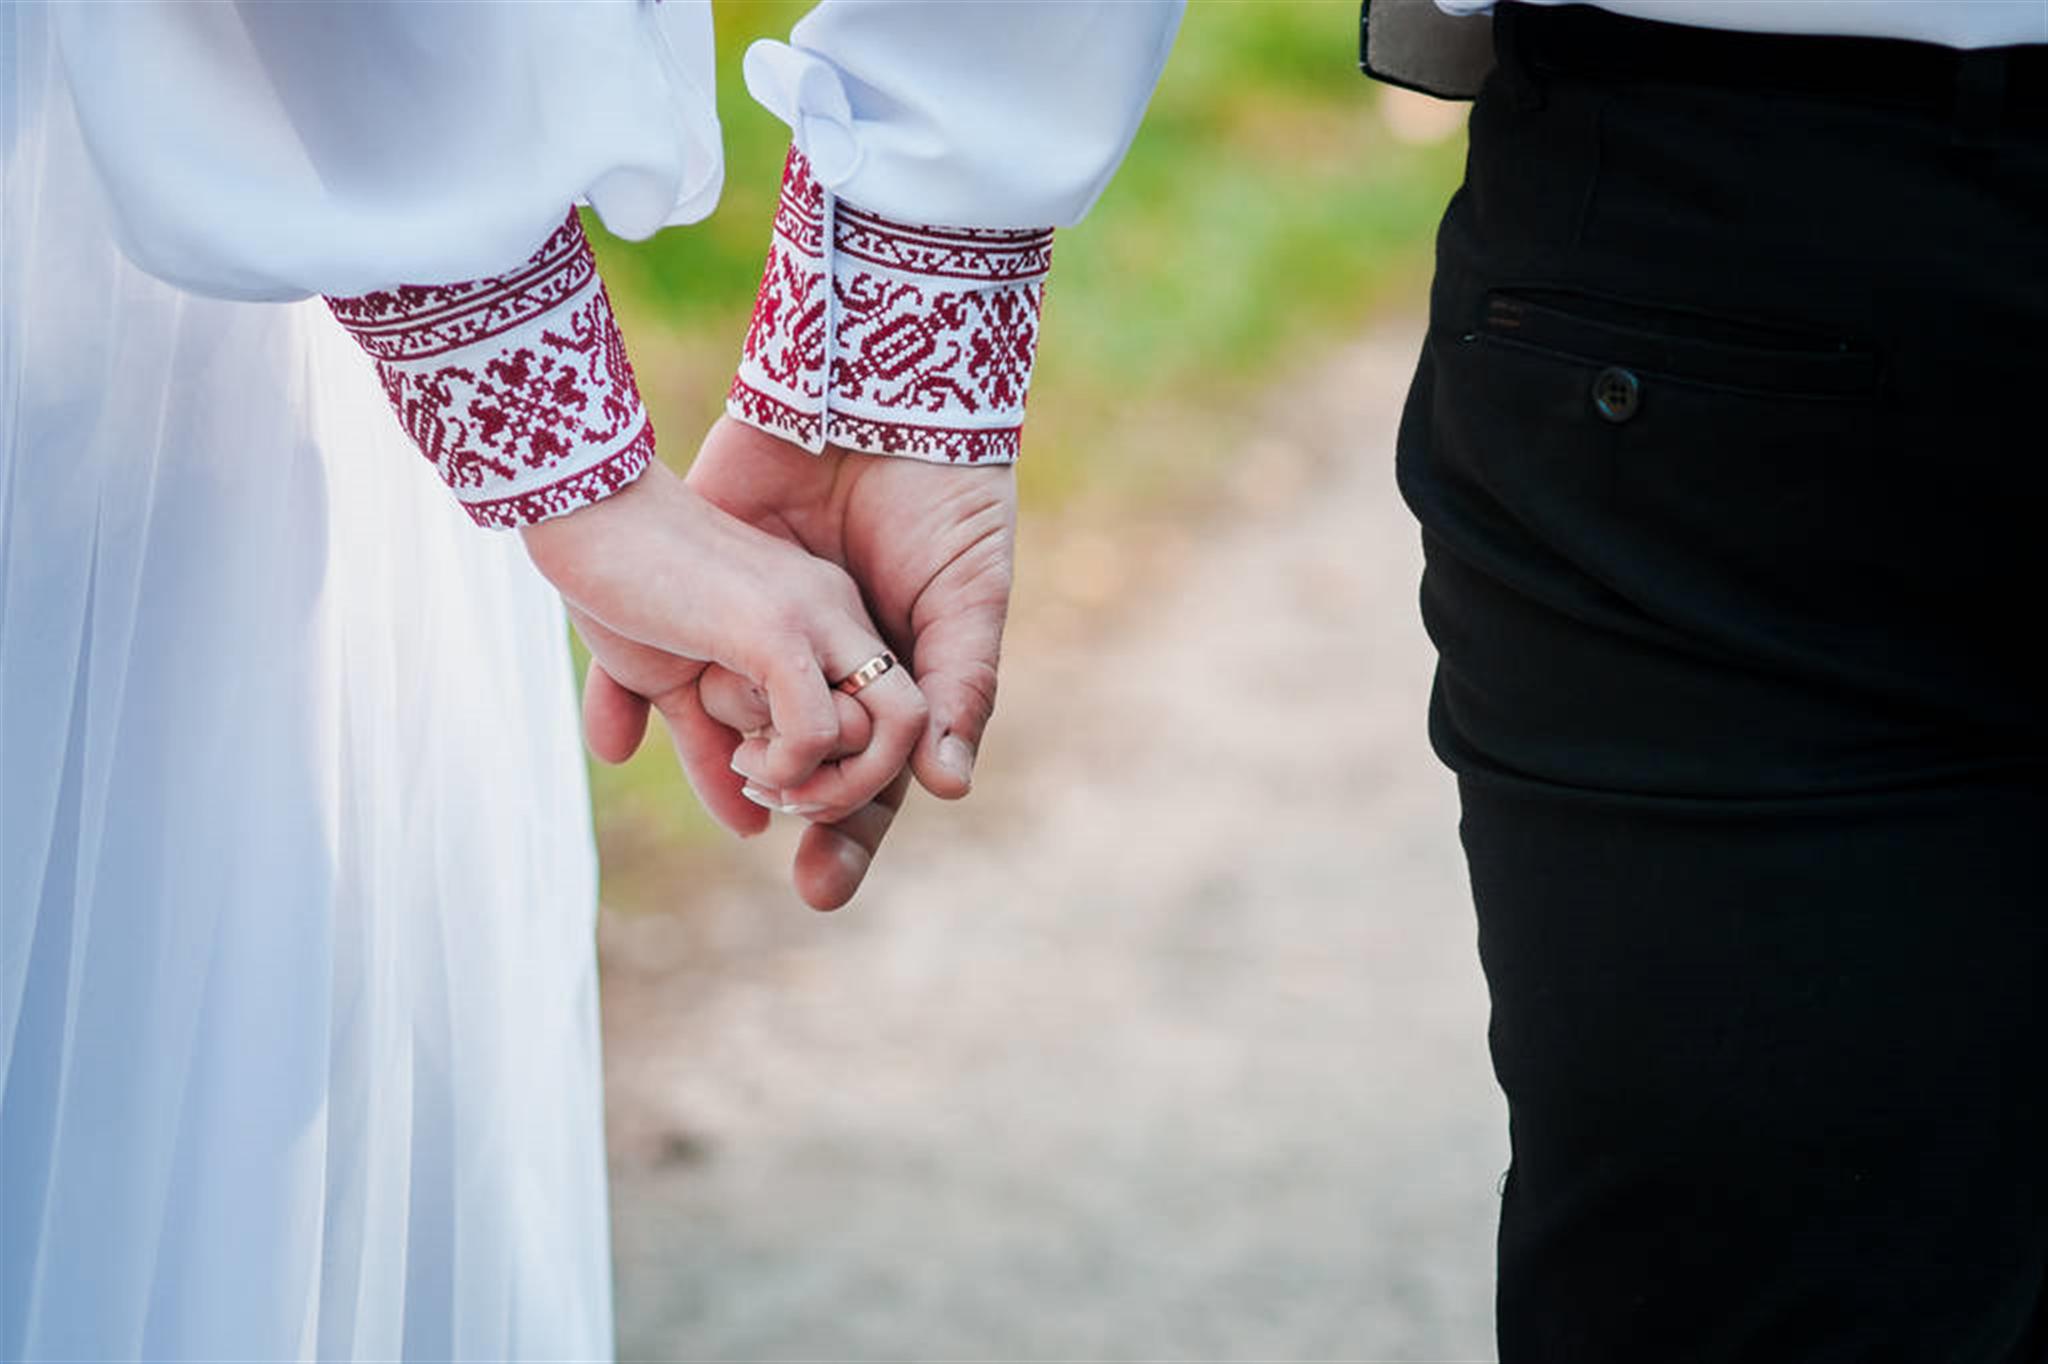 怎么知道自己婚姻好不好 八字看姻缘何时出现